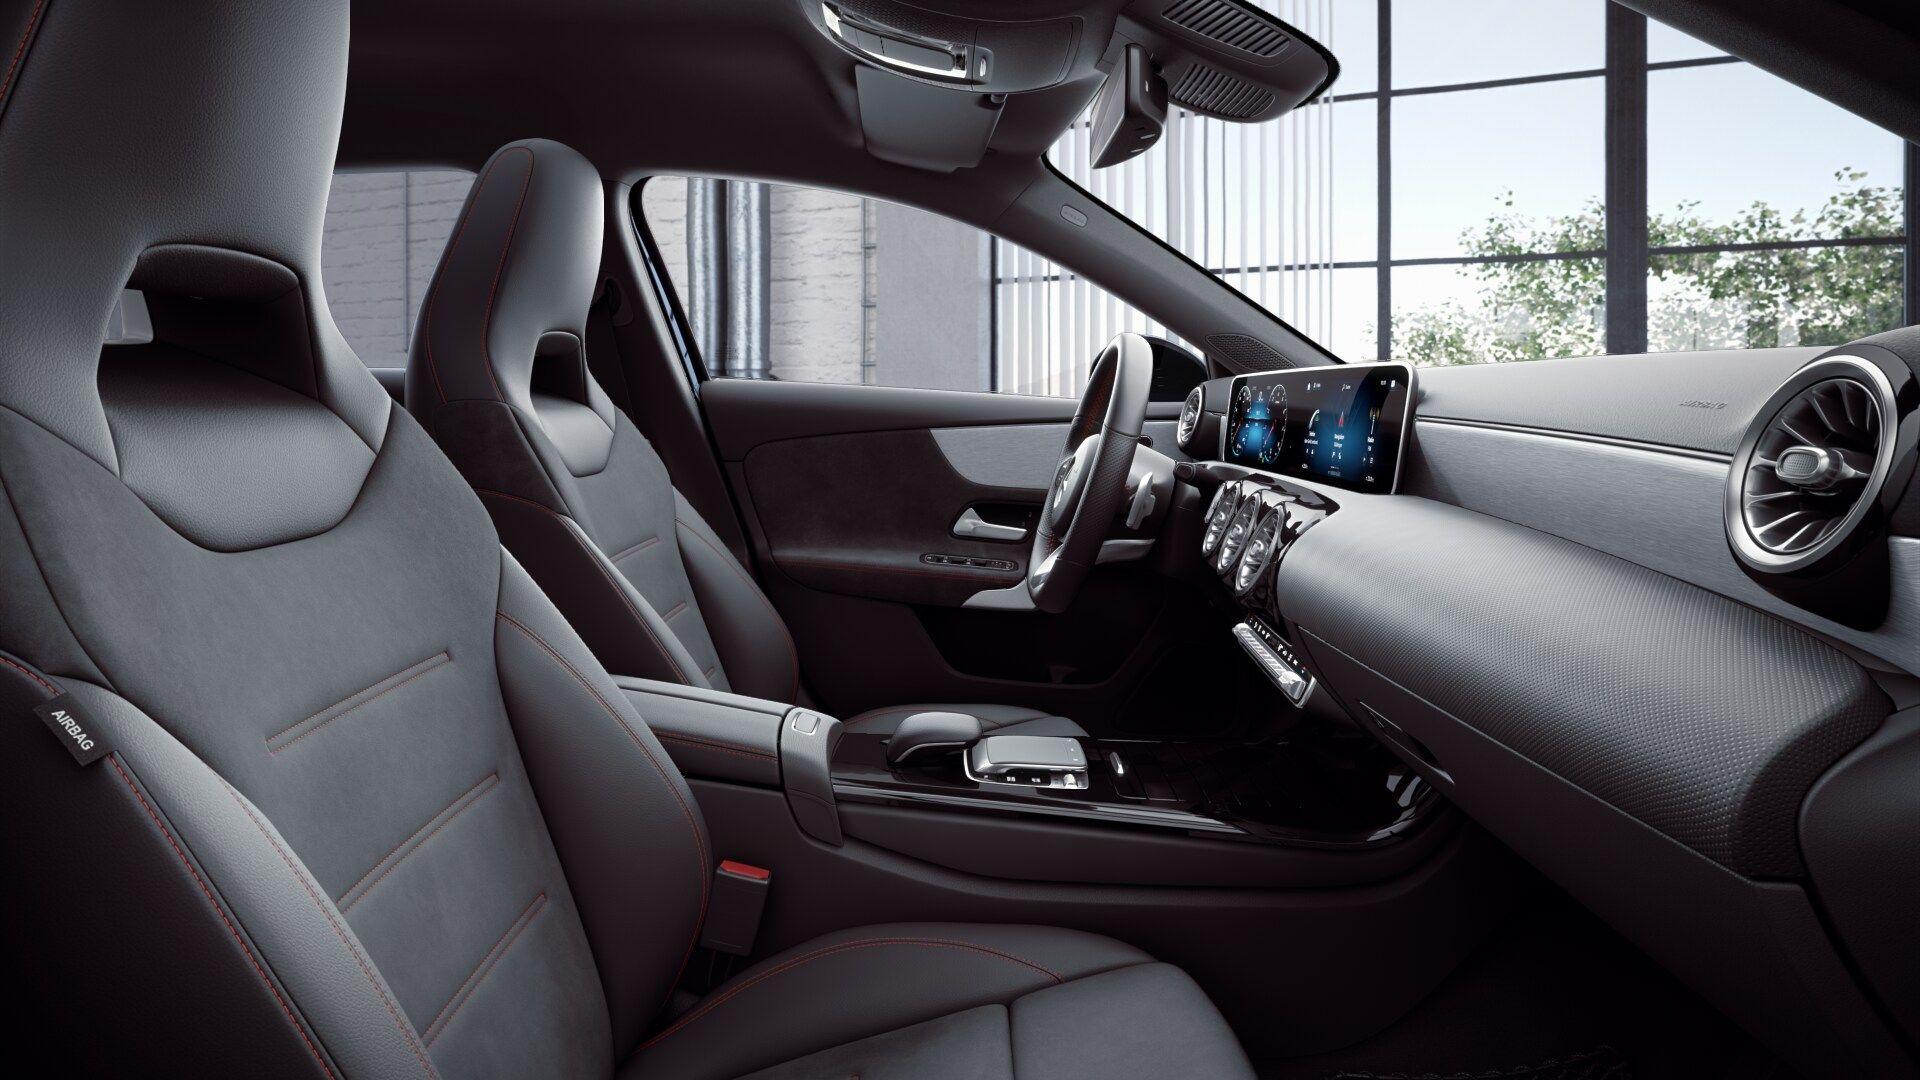 Mercedes A-Klasse automaat - 1553149776.jpg